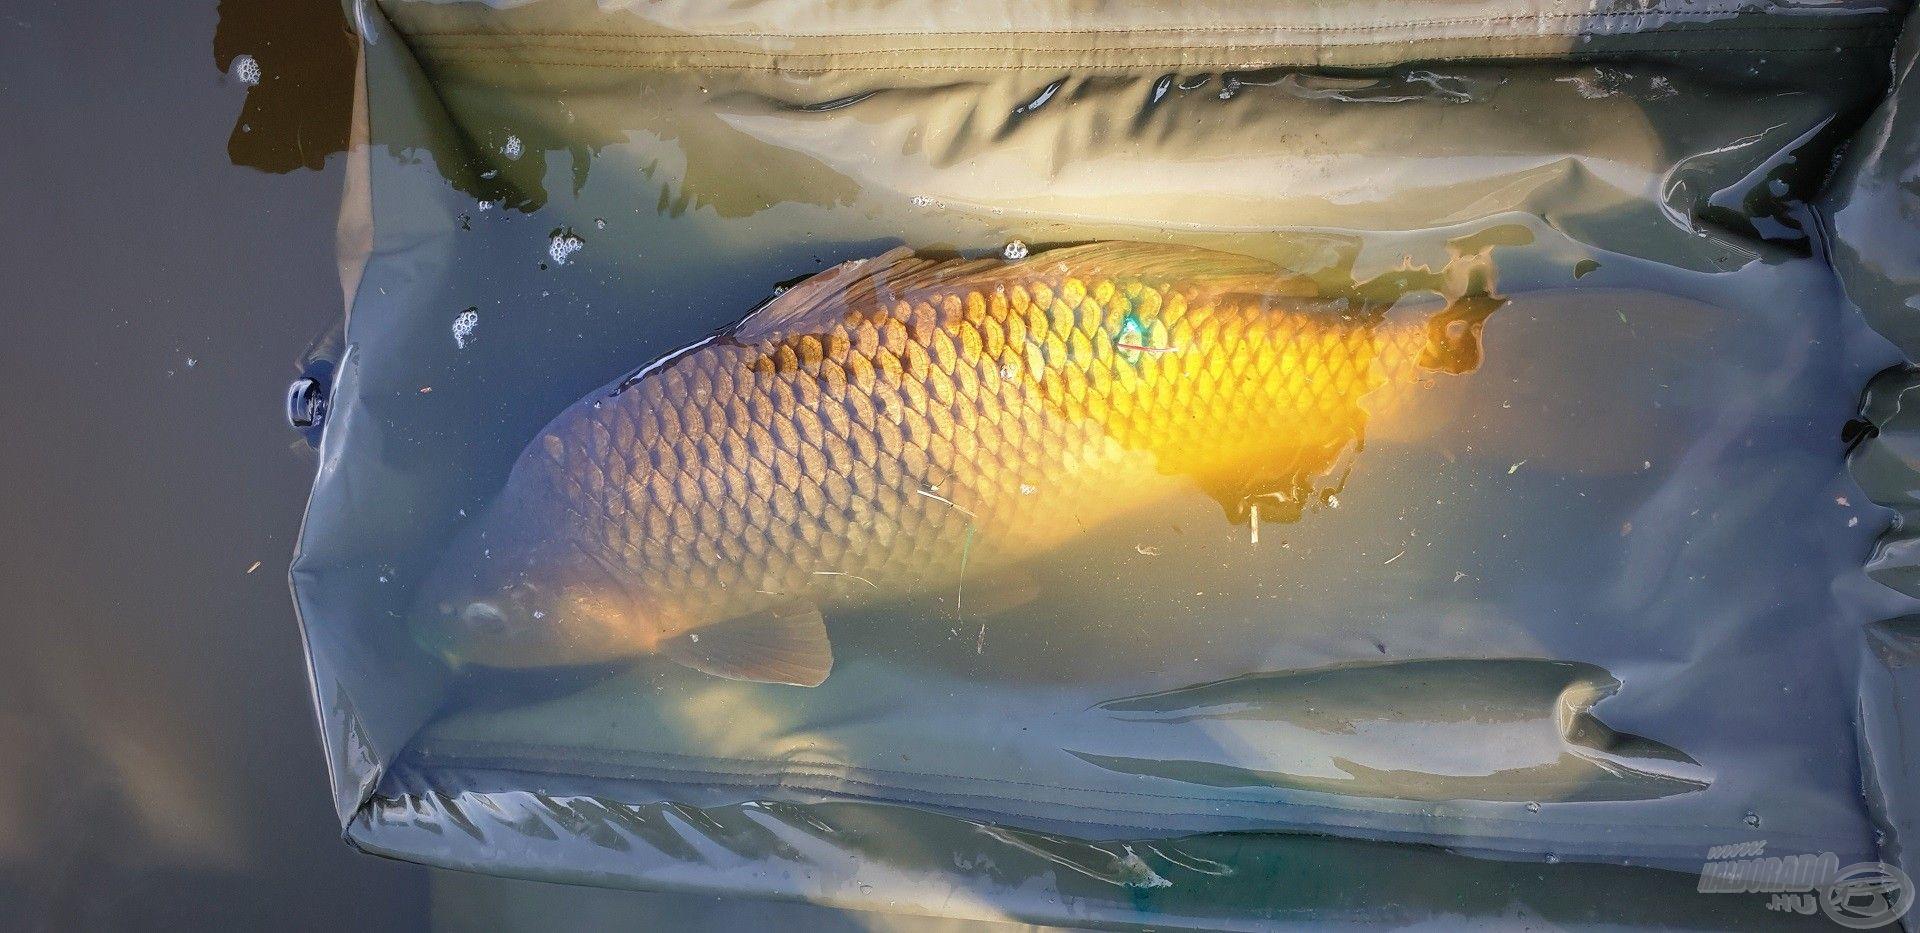 A kíméletes bánásmódot szem előtt tartva, a megjelölt és fertőtlenített halat a bölcsőből engedtem útjára